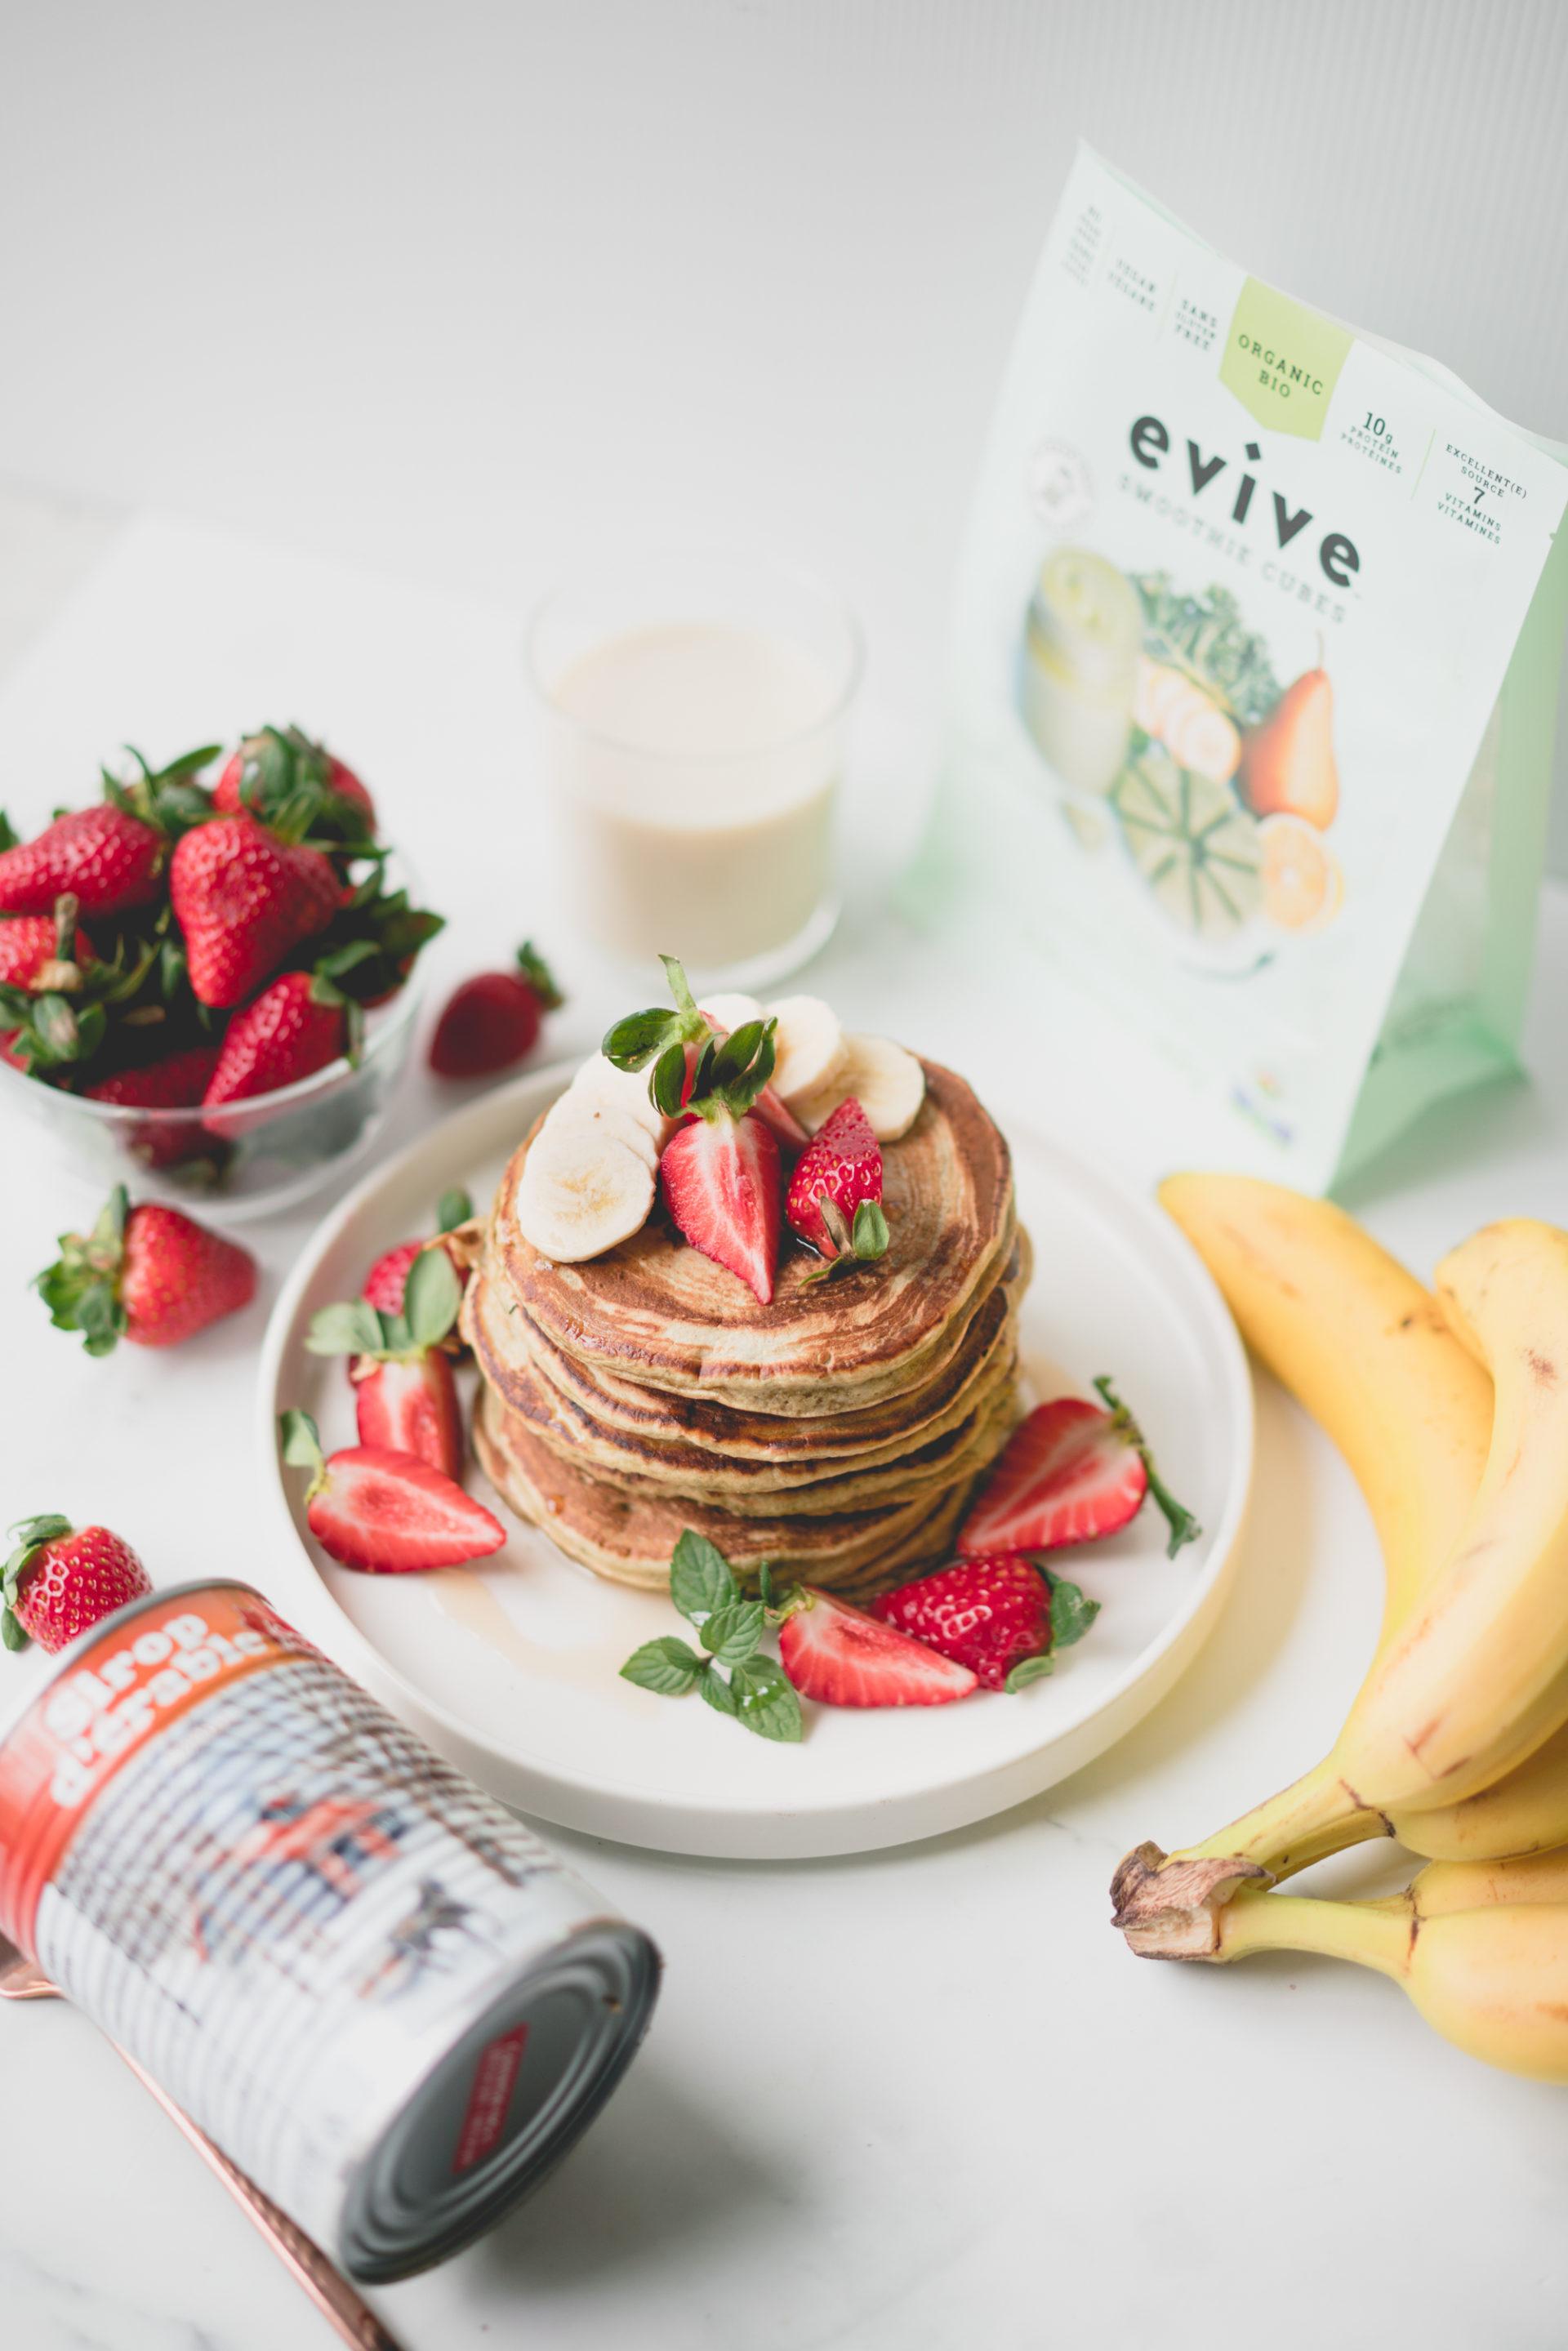 Evive pancake